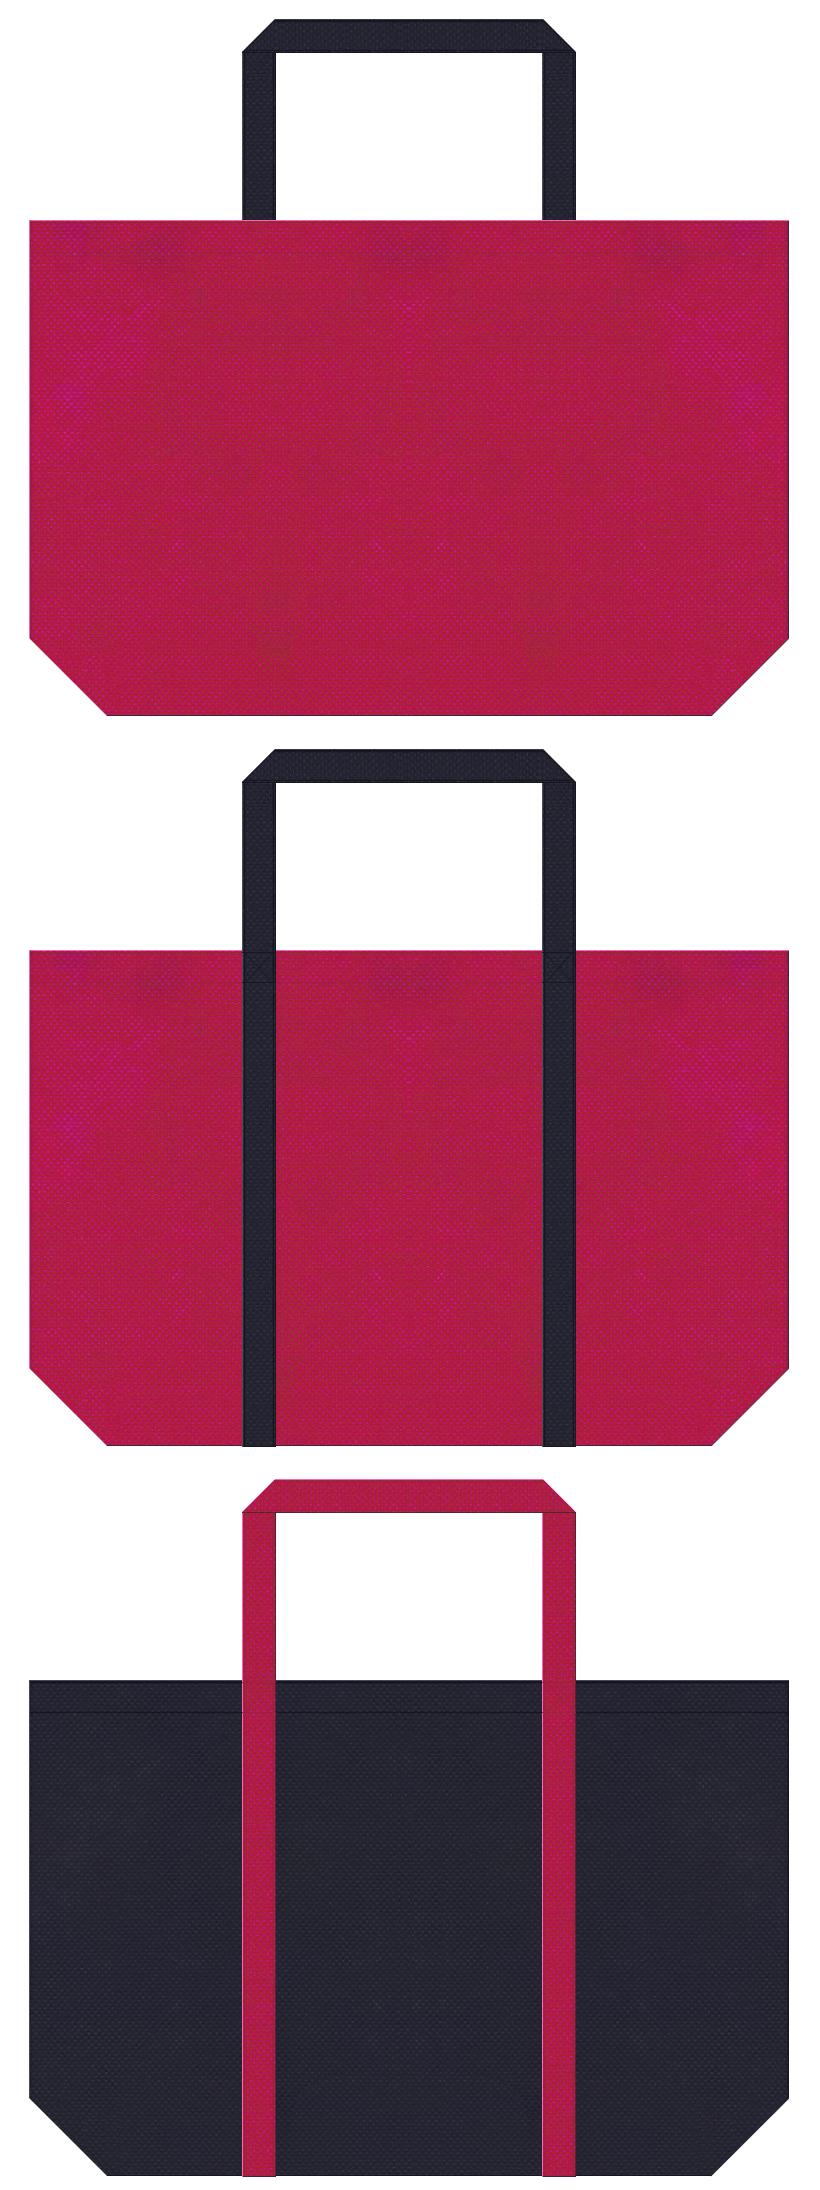 スポーツイベント・スポーツバッグにお奨めの不織布バッグデザイン:濃いピンク色と濃紺色のコーデ